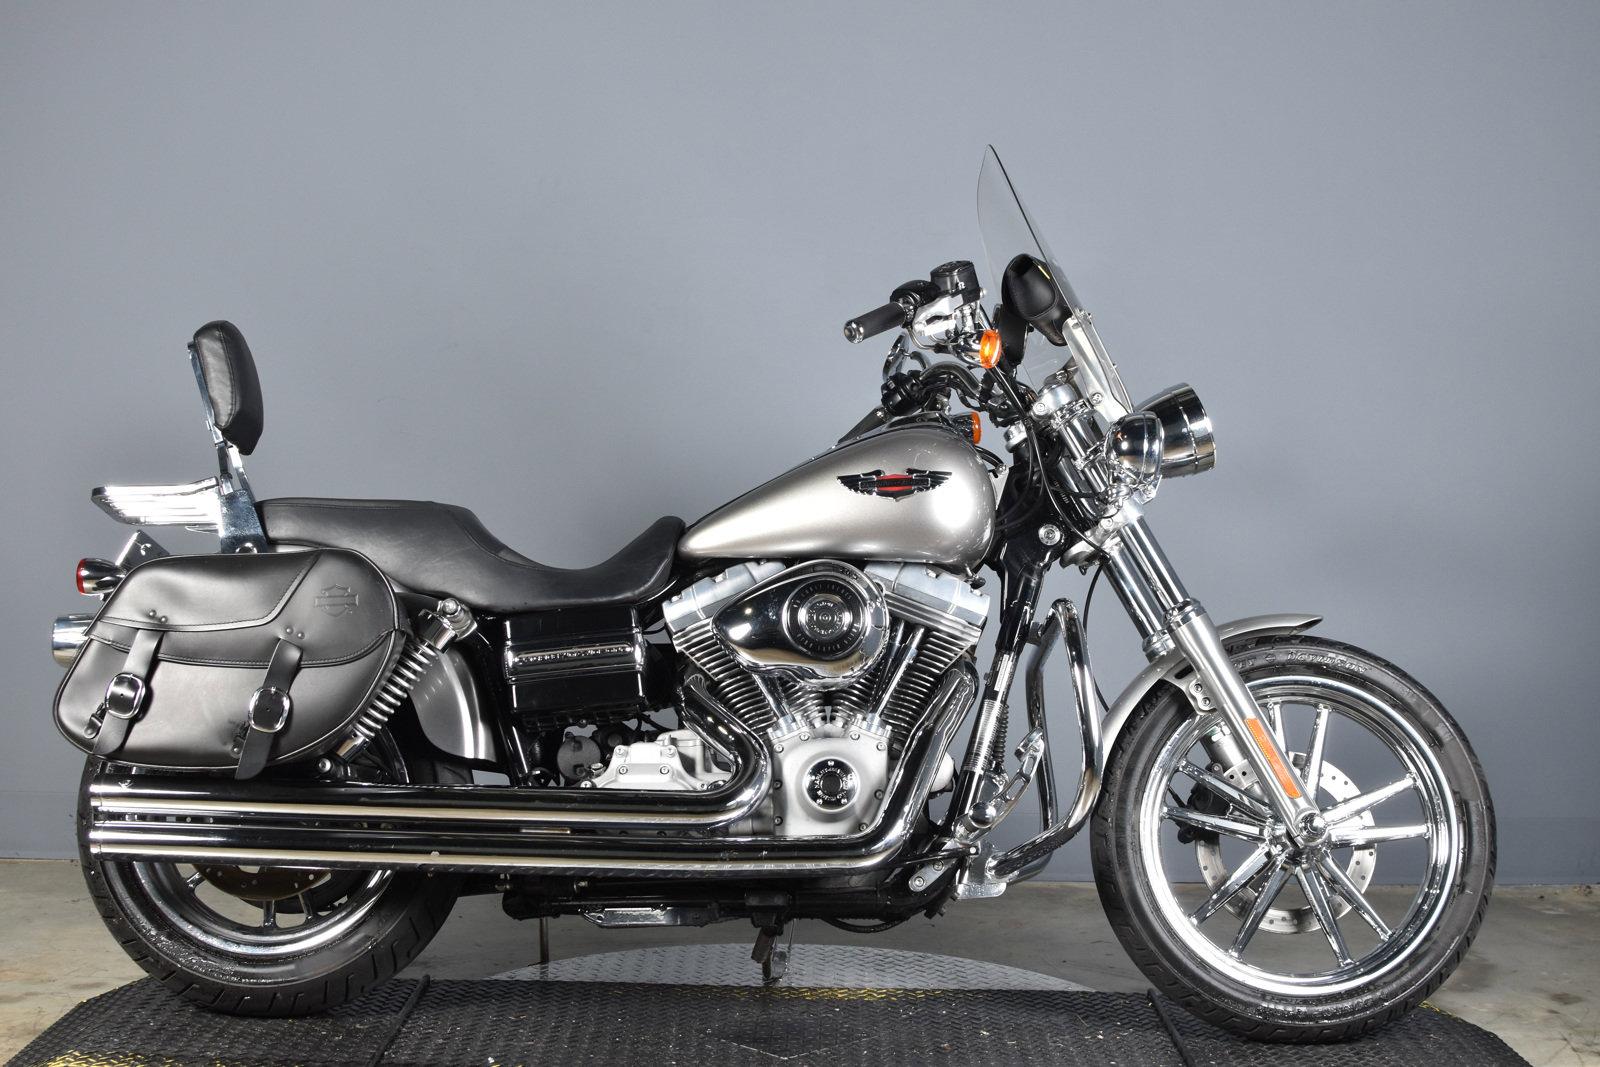 Pre-Owned 2009 Harley-Davidson Dyna Super Glide FXD